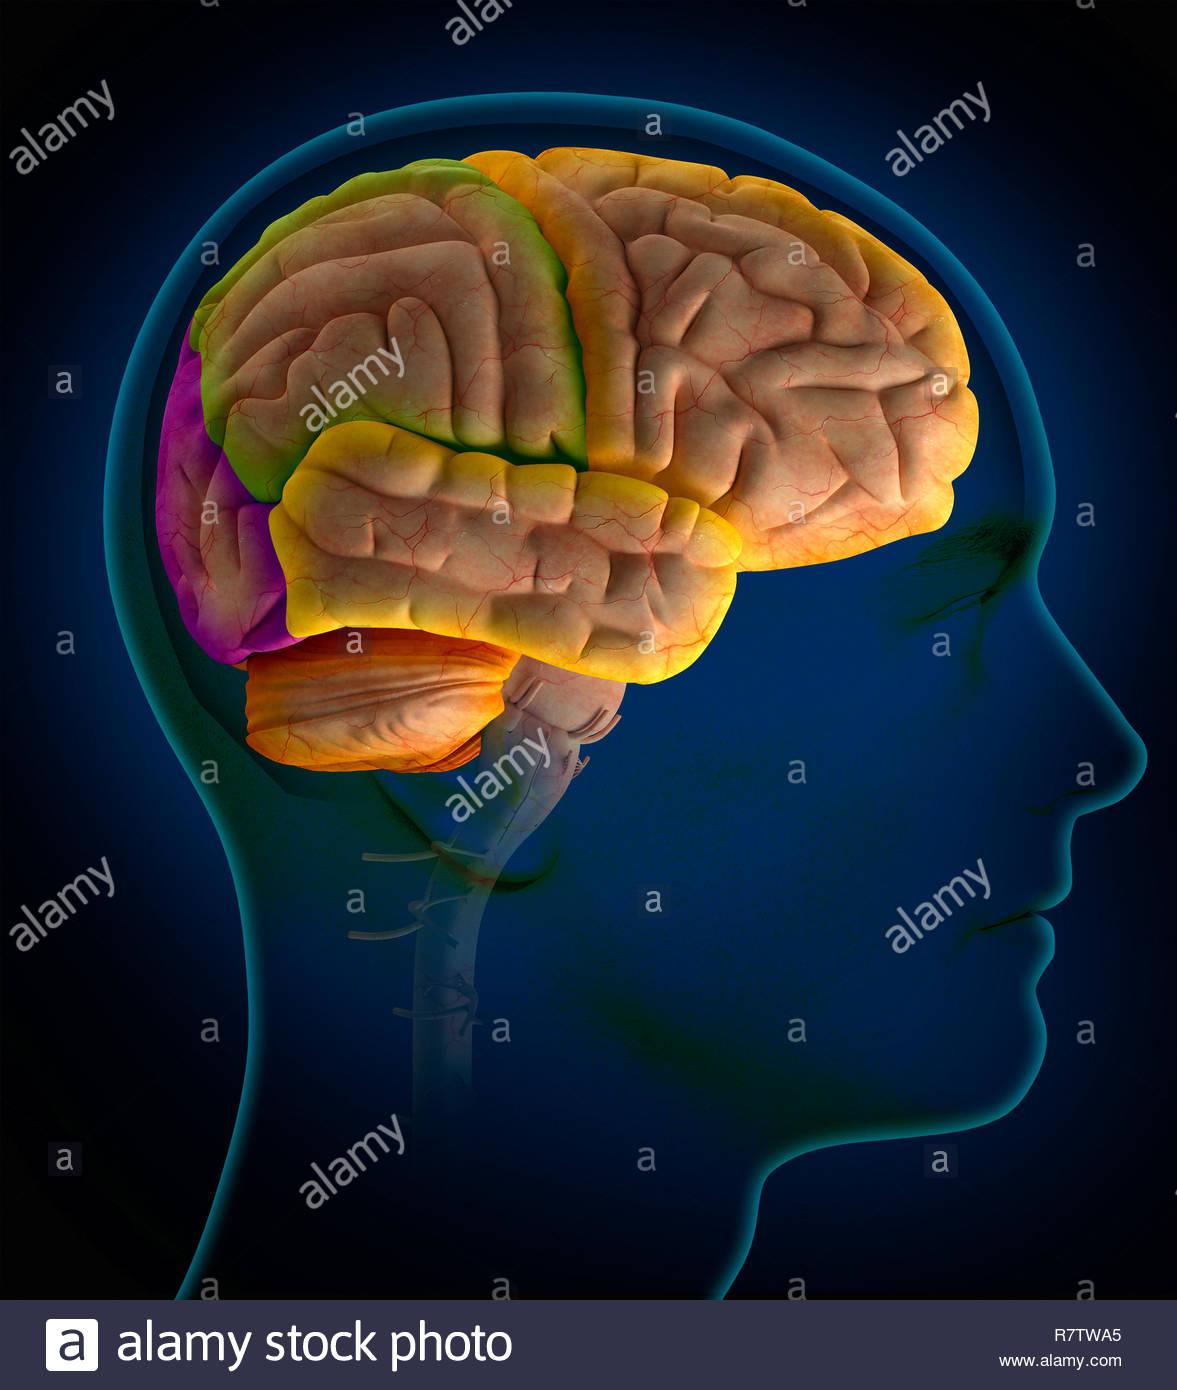 Computer-generierte biomedizinischen Illustration der Lappen des Gehirns innerhalb der menschlichen Kopf Stockbild